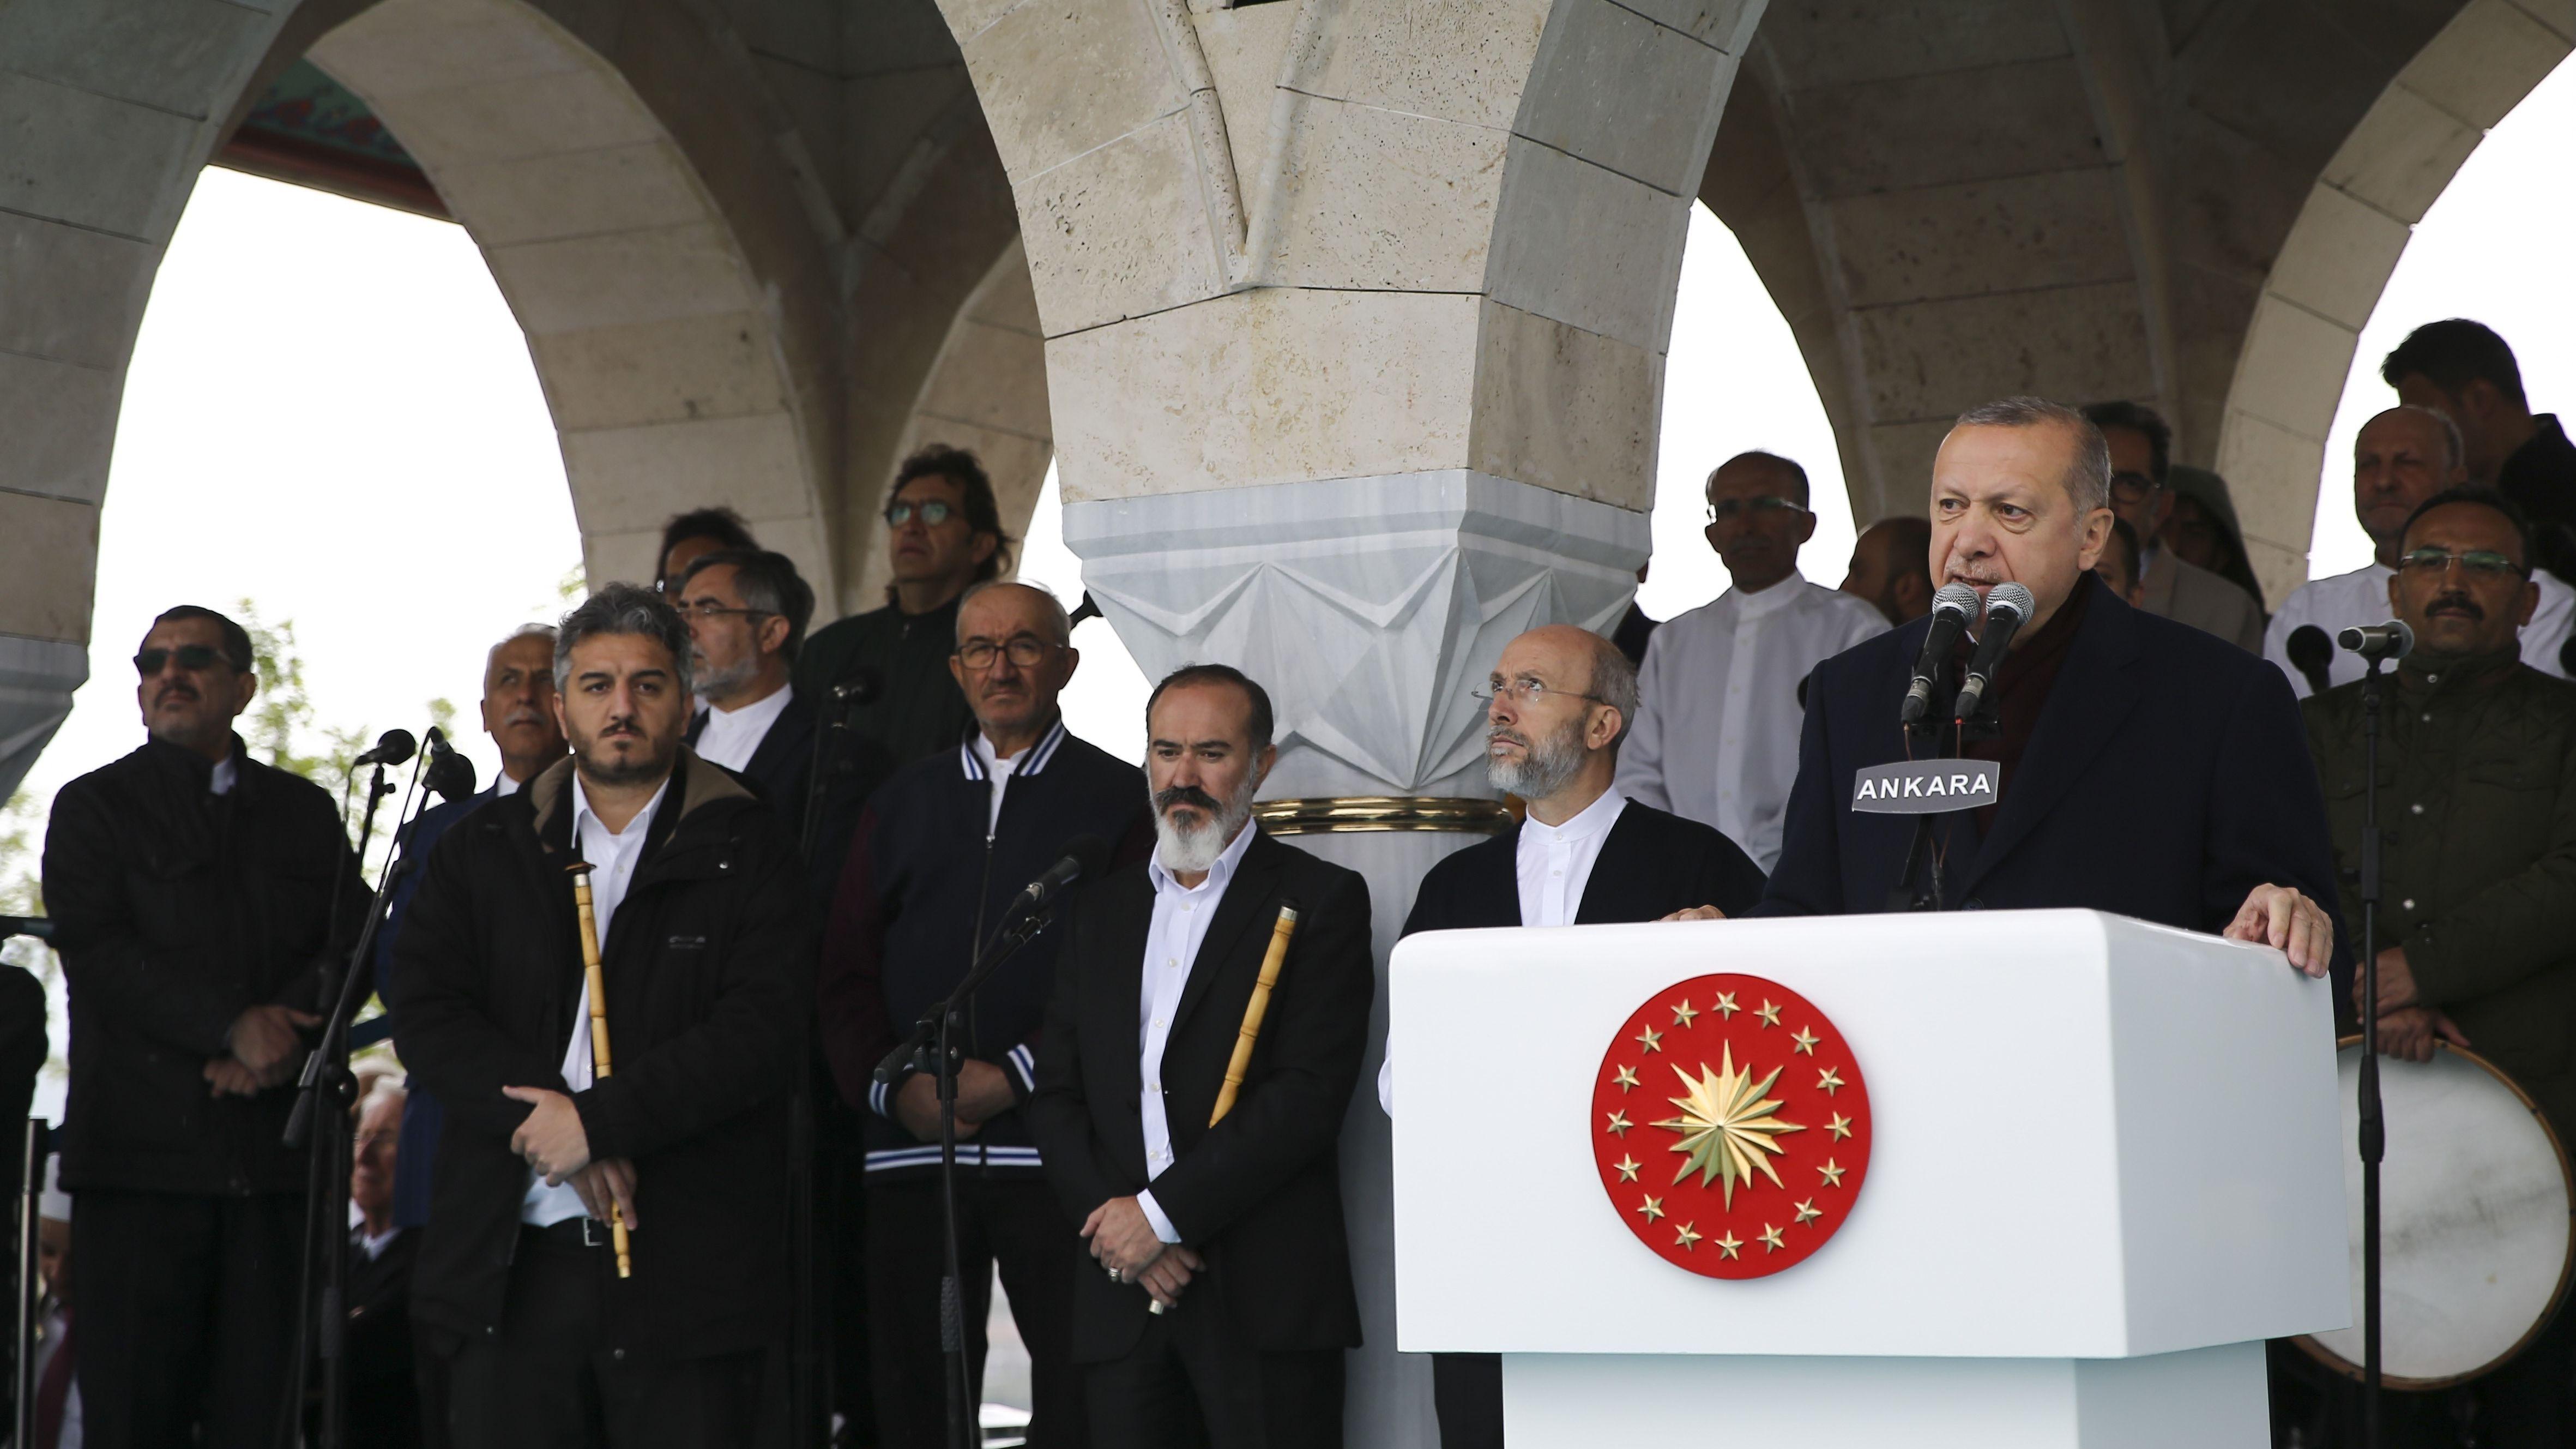 Der türkische Präsident Erdogan bei einer Rede in Ankara